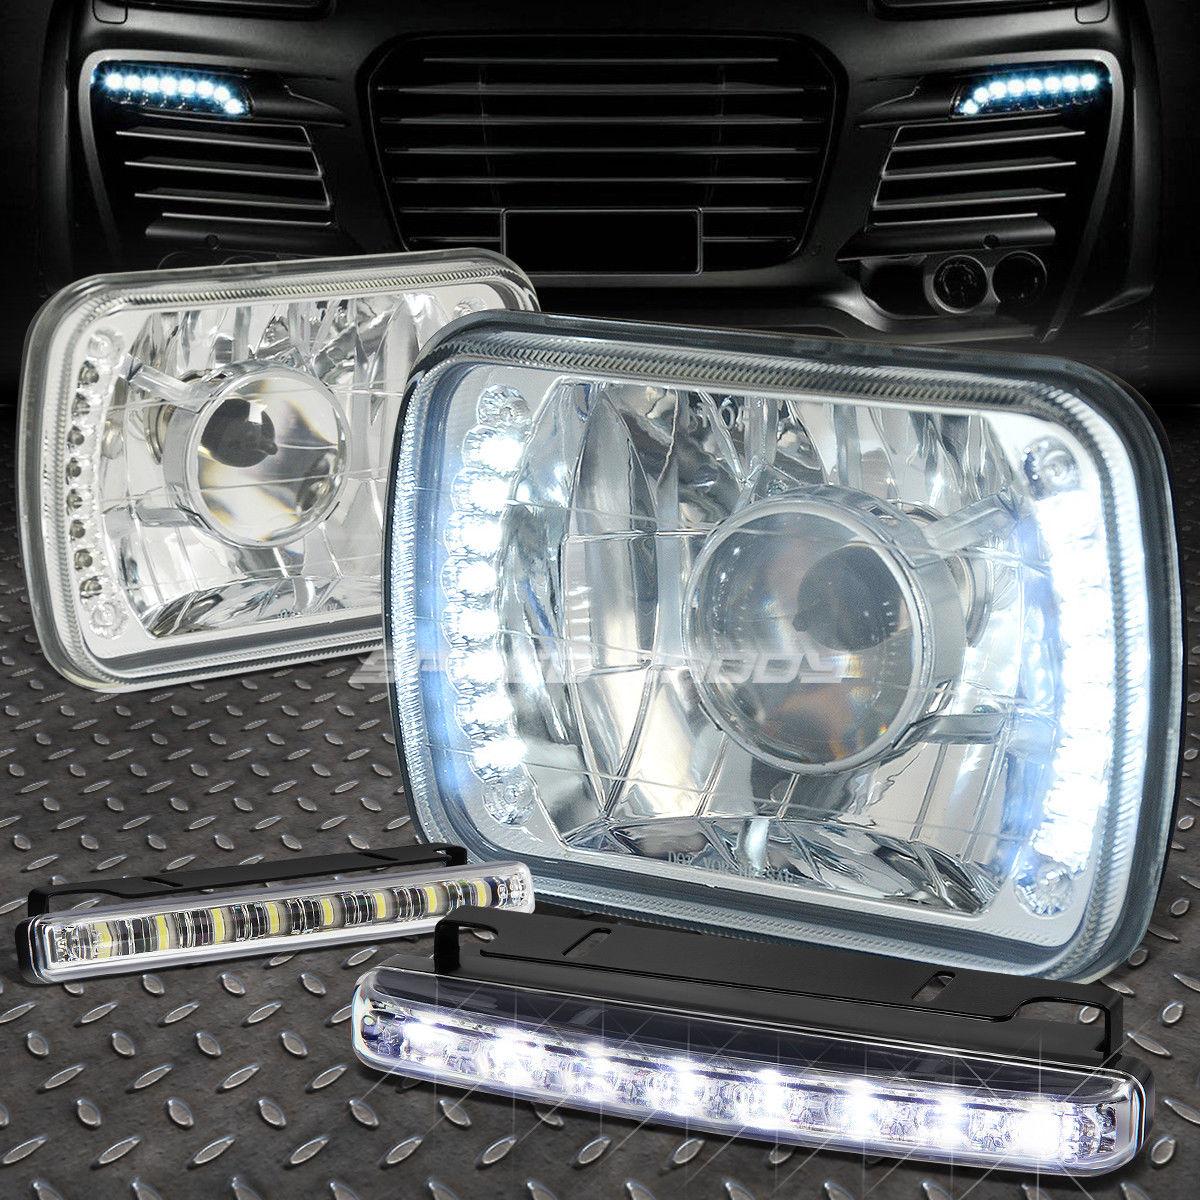 フォグライト SQUARE CHROME PROJECTOR LED HEADLIGHT+8 LED GRILL FOG LIGHT FOR H6014/H6054 スクウェア・クローム・プロジェクターLEDヘッドライト+ H6014 / H6054用8 LEDグリル・フォグライト